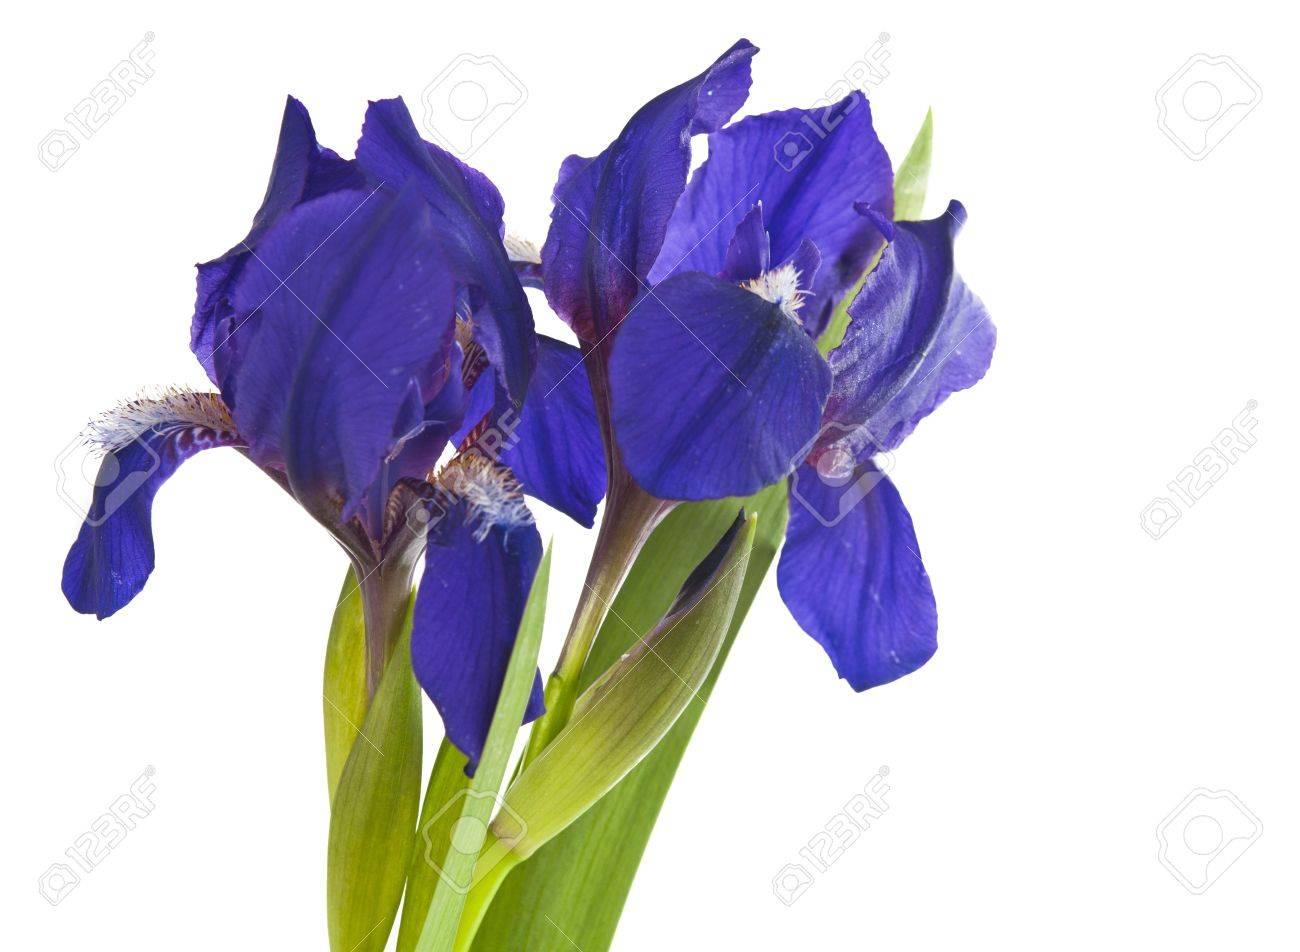 Iris flower isolated on white background Stock Photo - 16004130